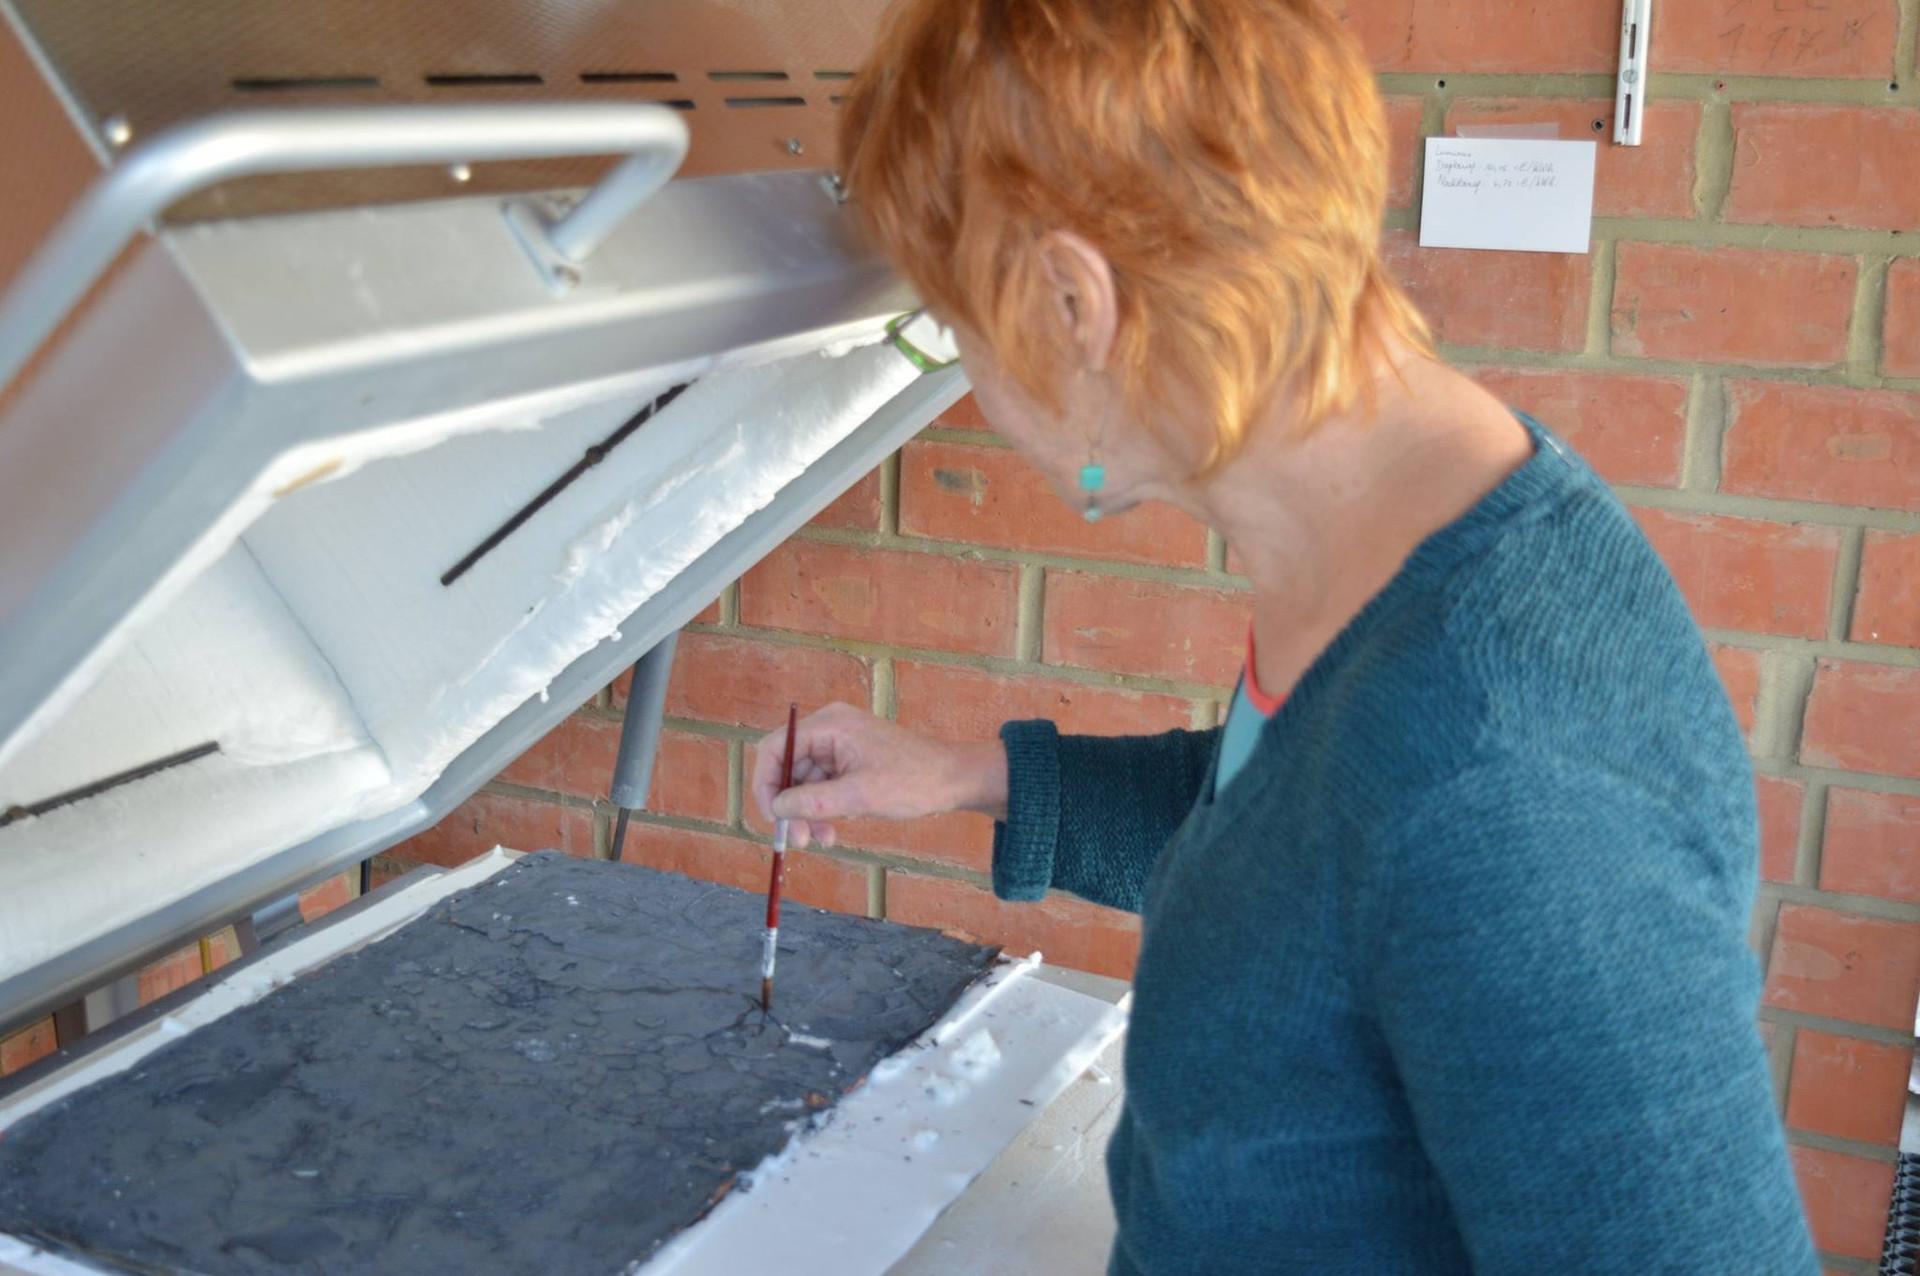 Priparing the kiln